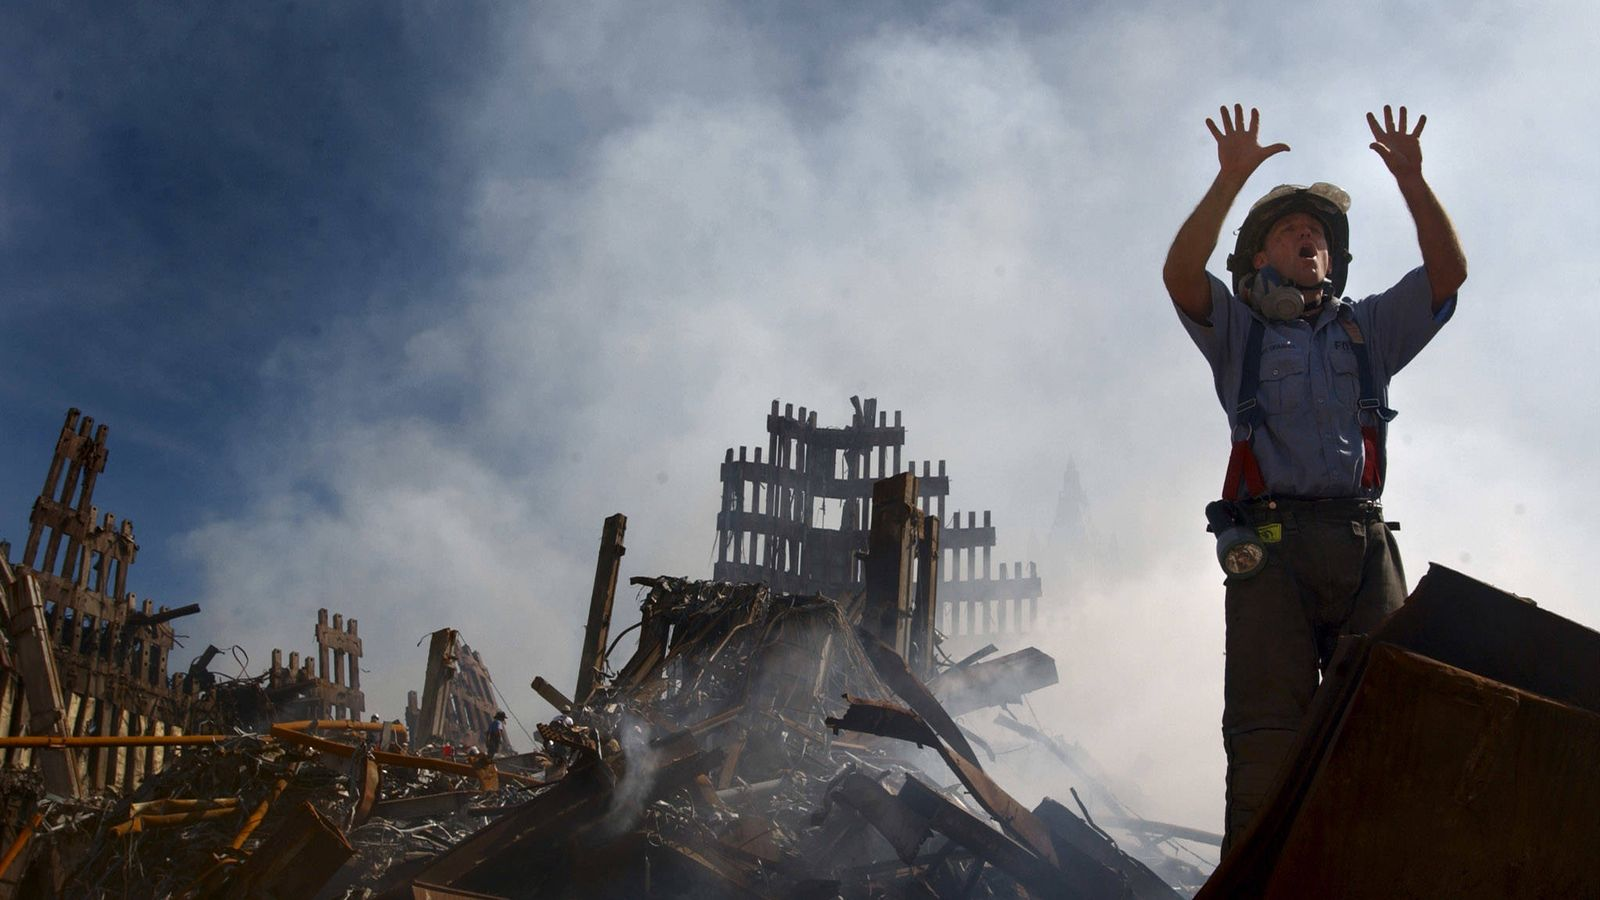 Foto: Un bombero de Nueva York pide refuerzos entre los escombros del World Trade Center, el 15 de septiembre de 2001. (Reuters)